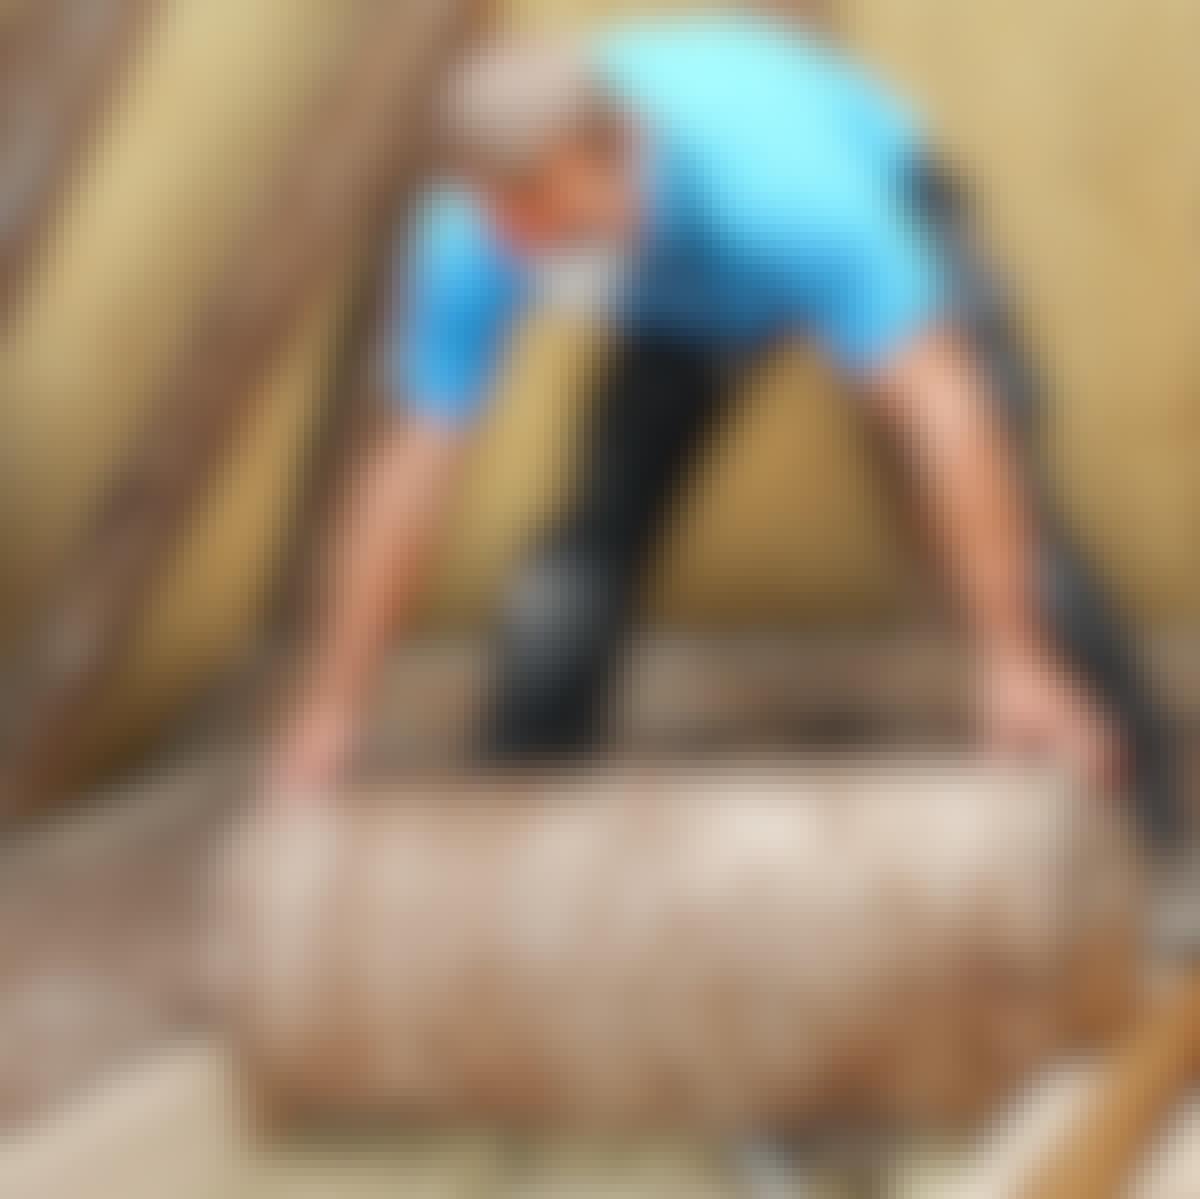 Hvis du har et loftsrom uten hindringer, er det smart å etterisolere med isolasjon på rull.